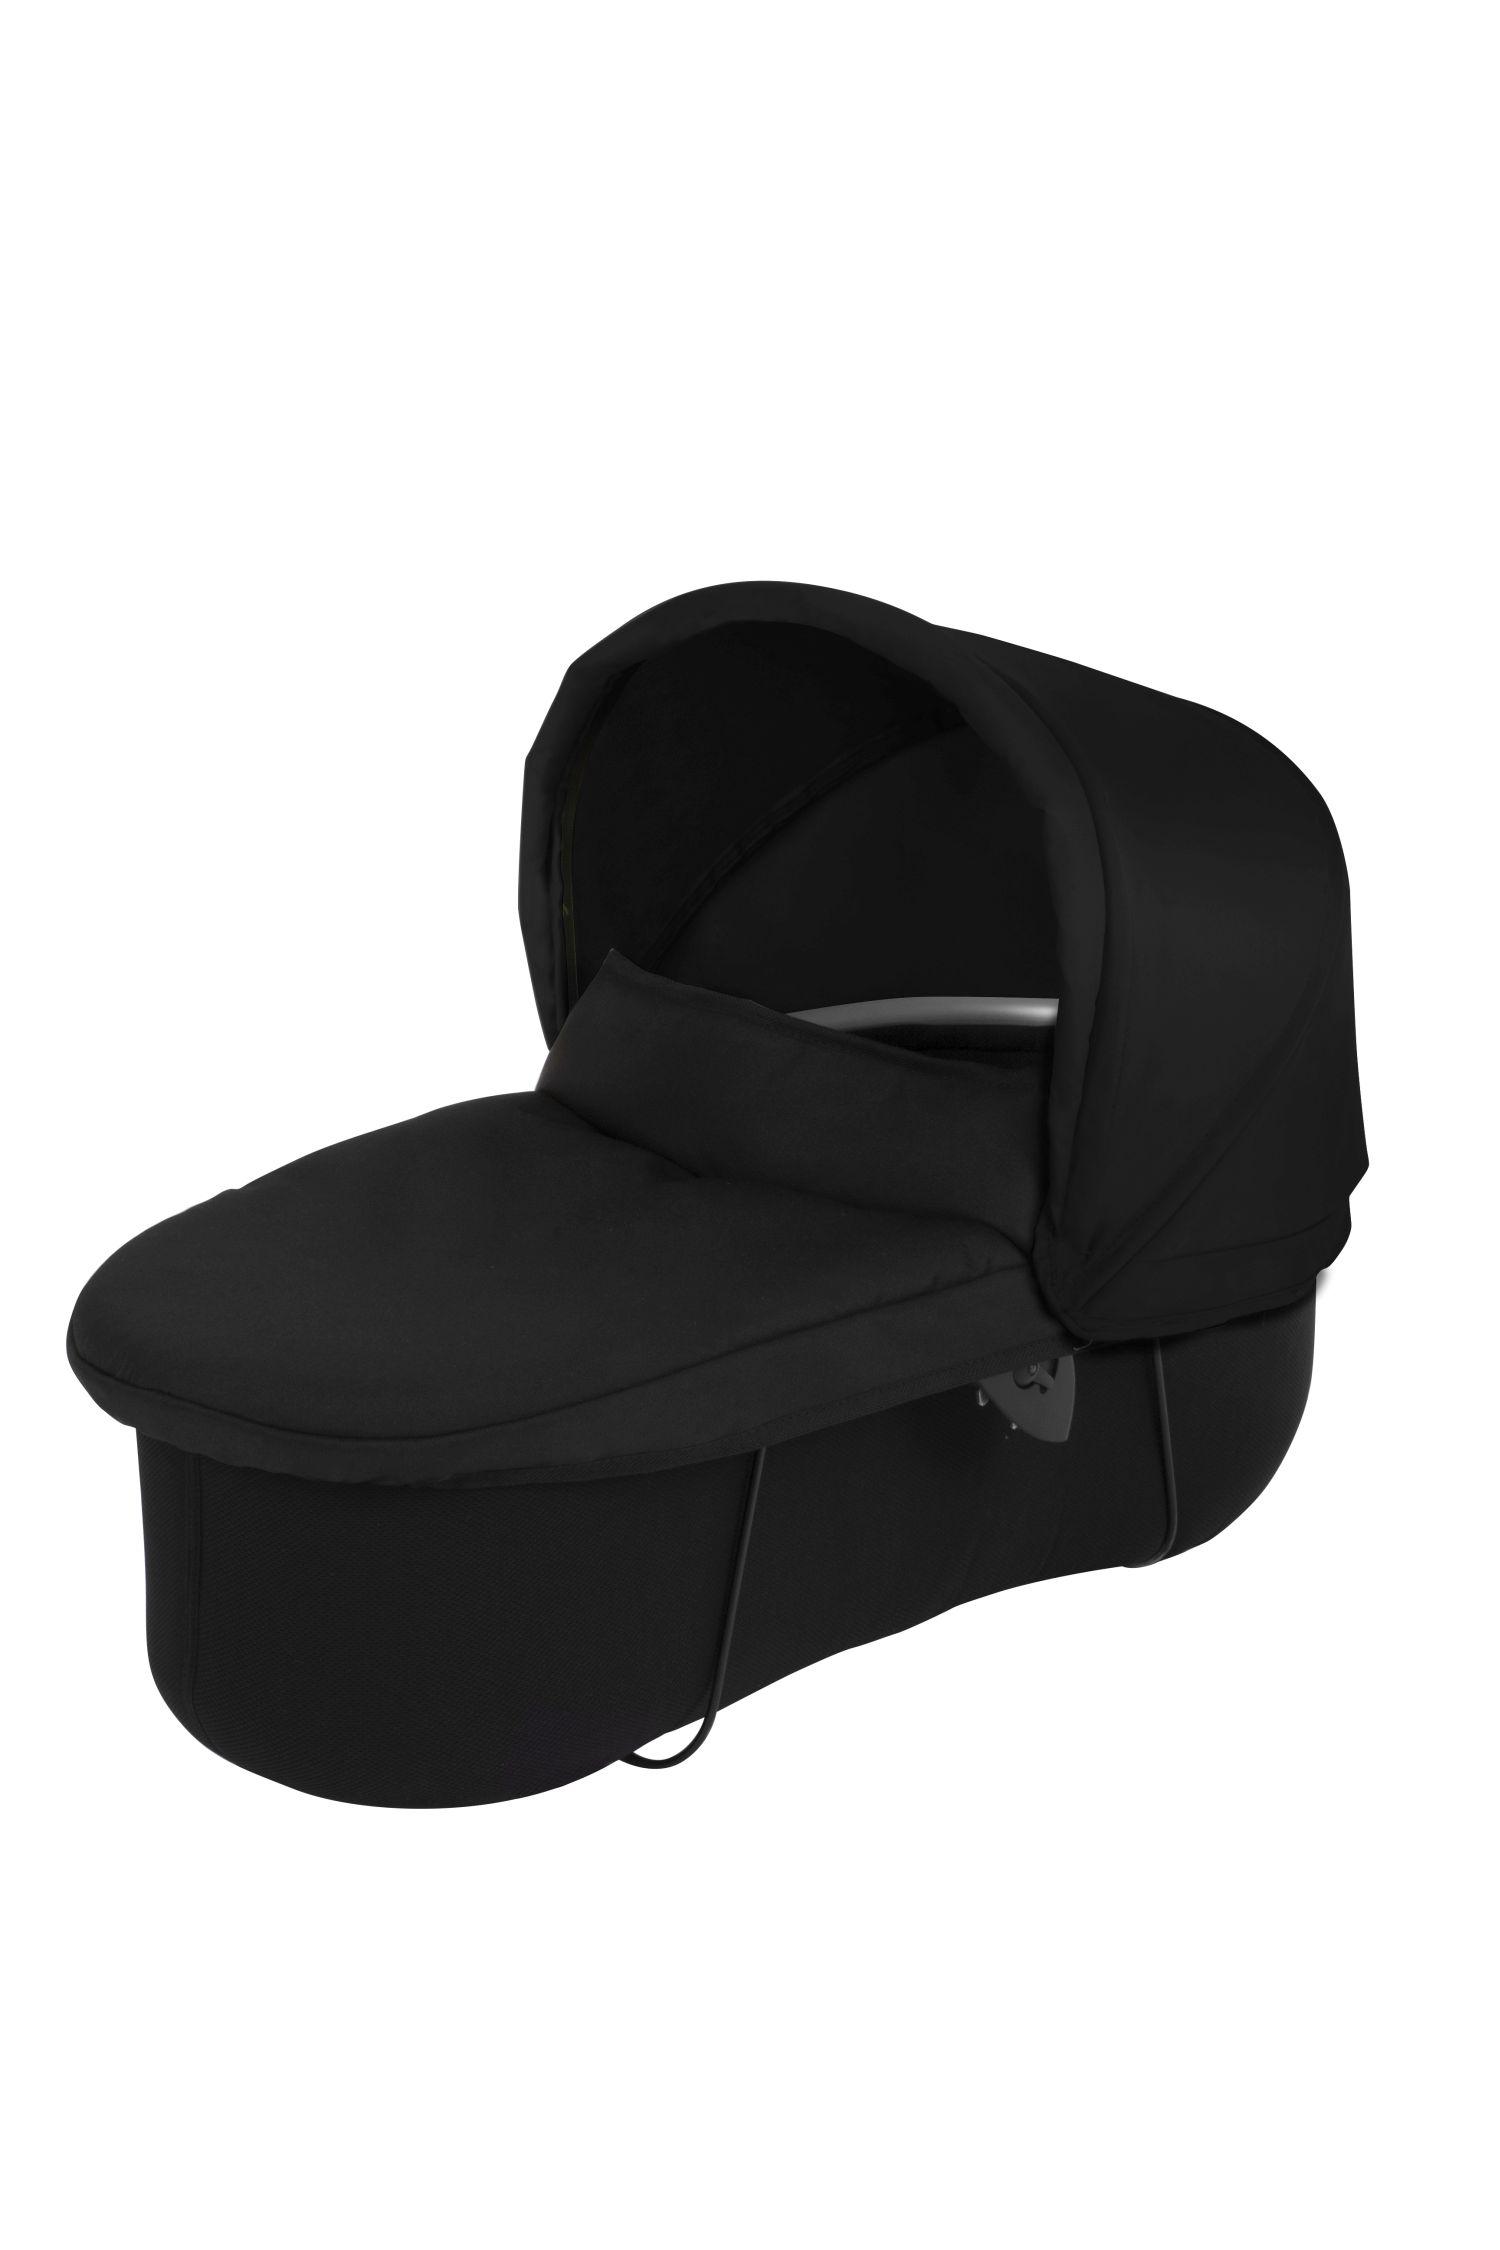 Carrycot – Vibe/Verve BLACK-30